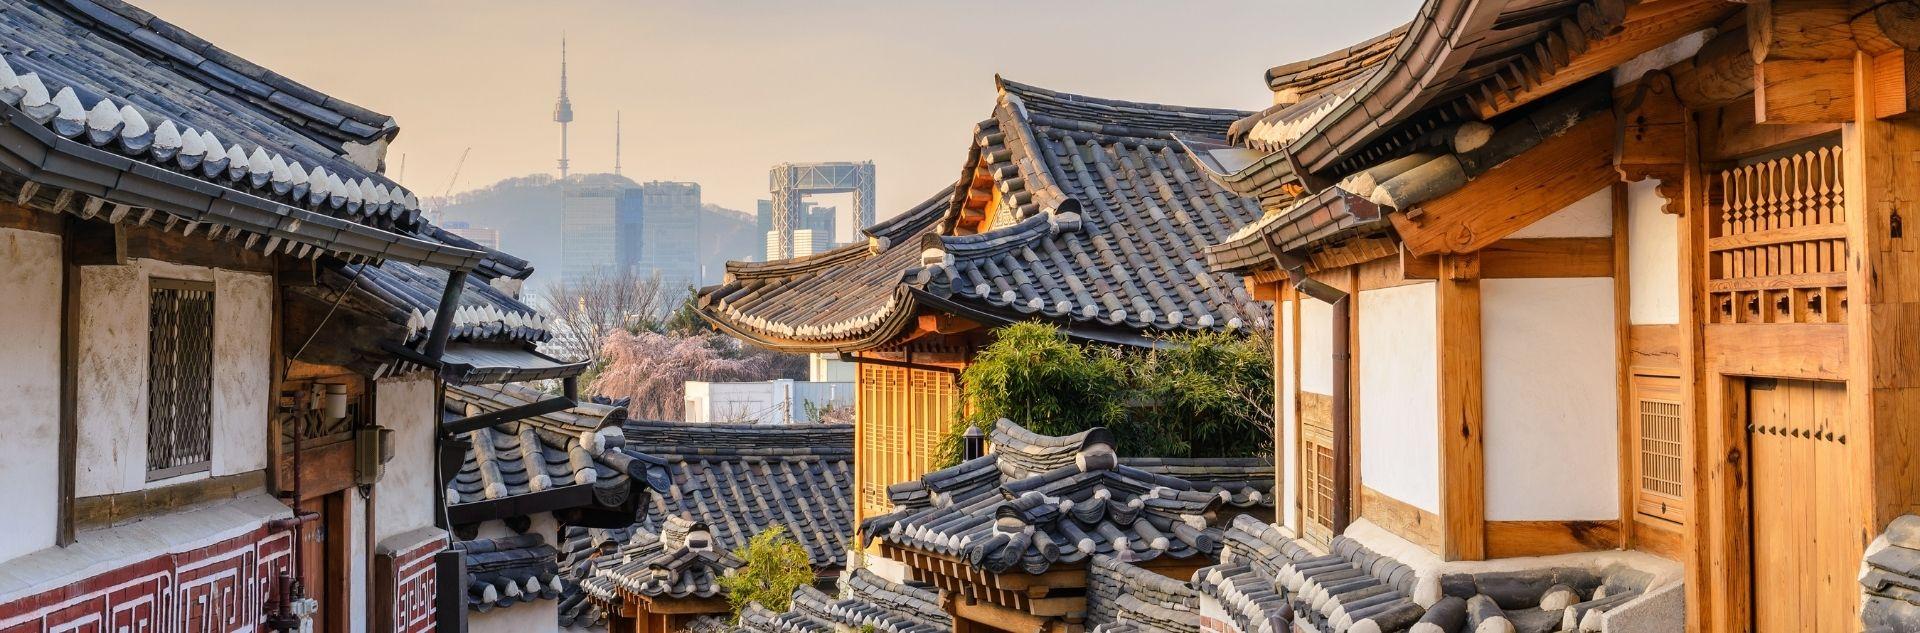 Seoul Bukchon Hanok Village und City Skyline